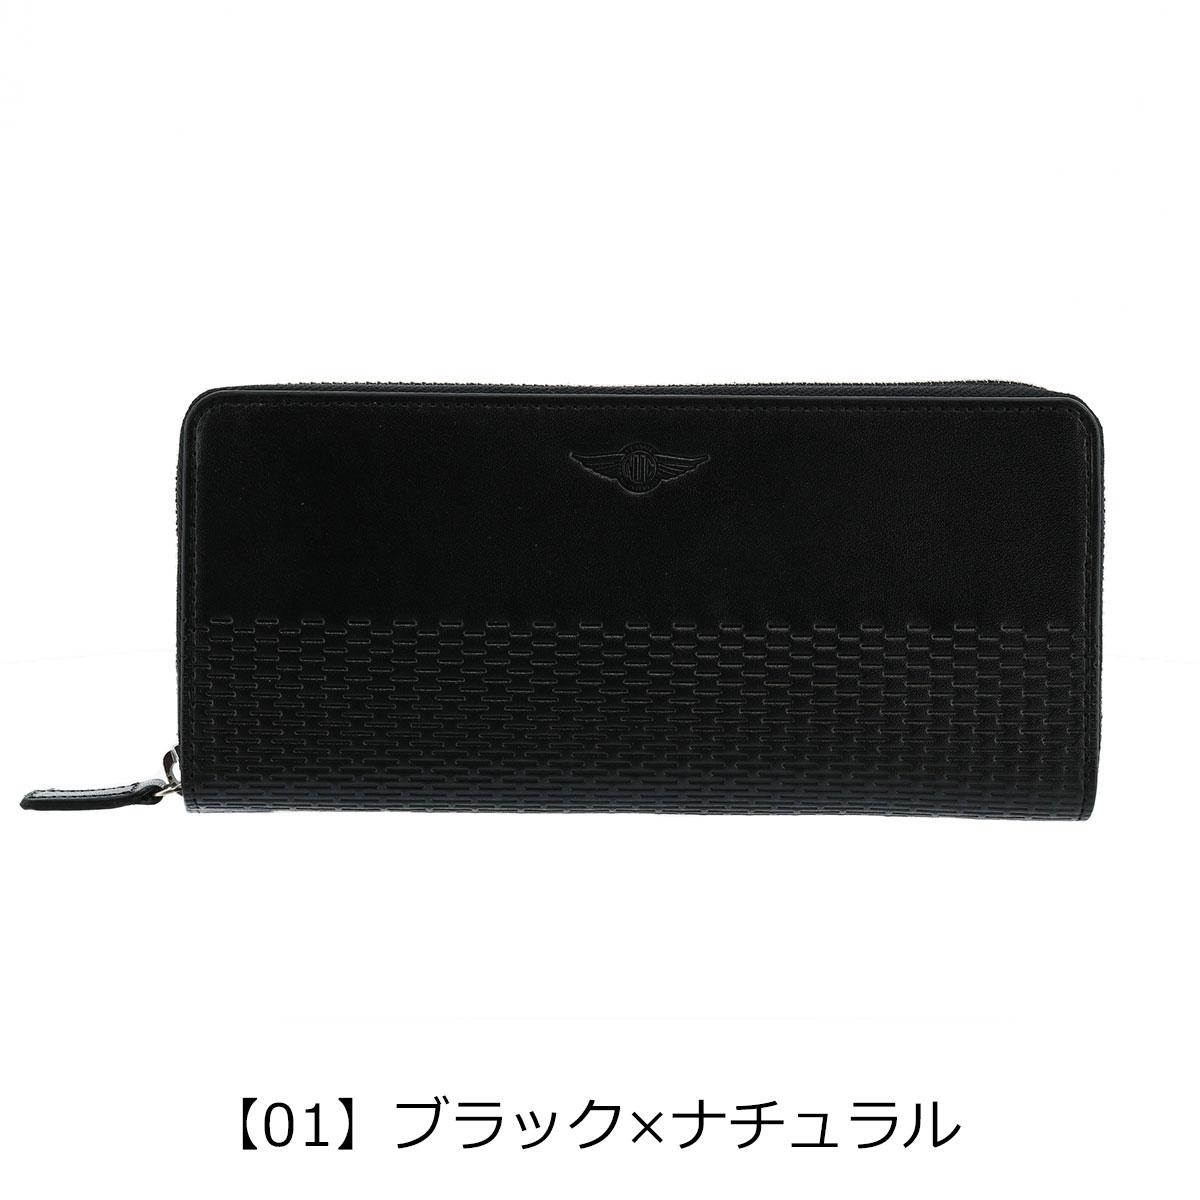 【01】ブラック×ナチュラル